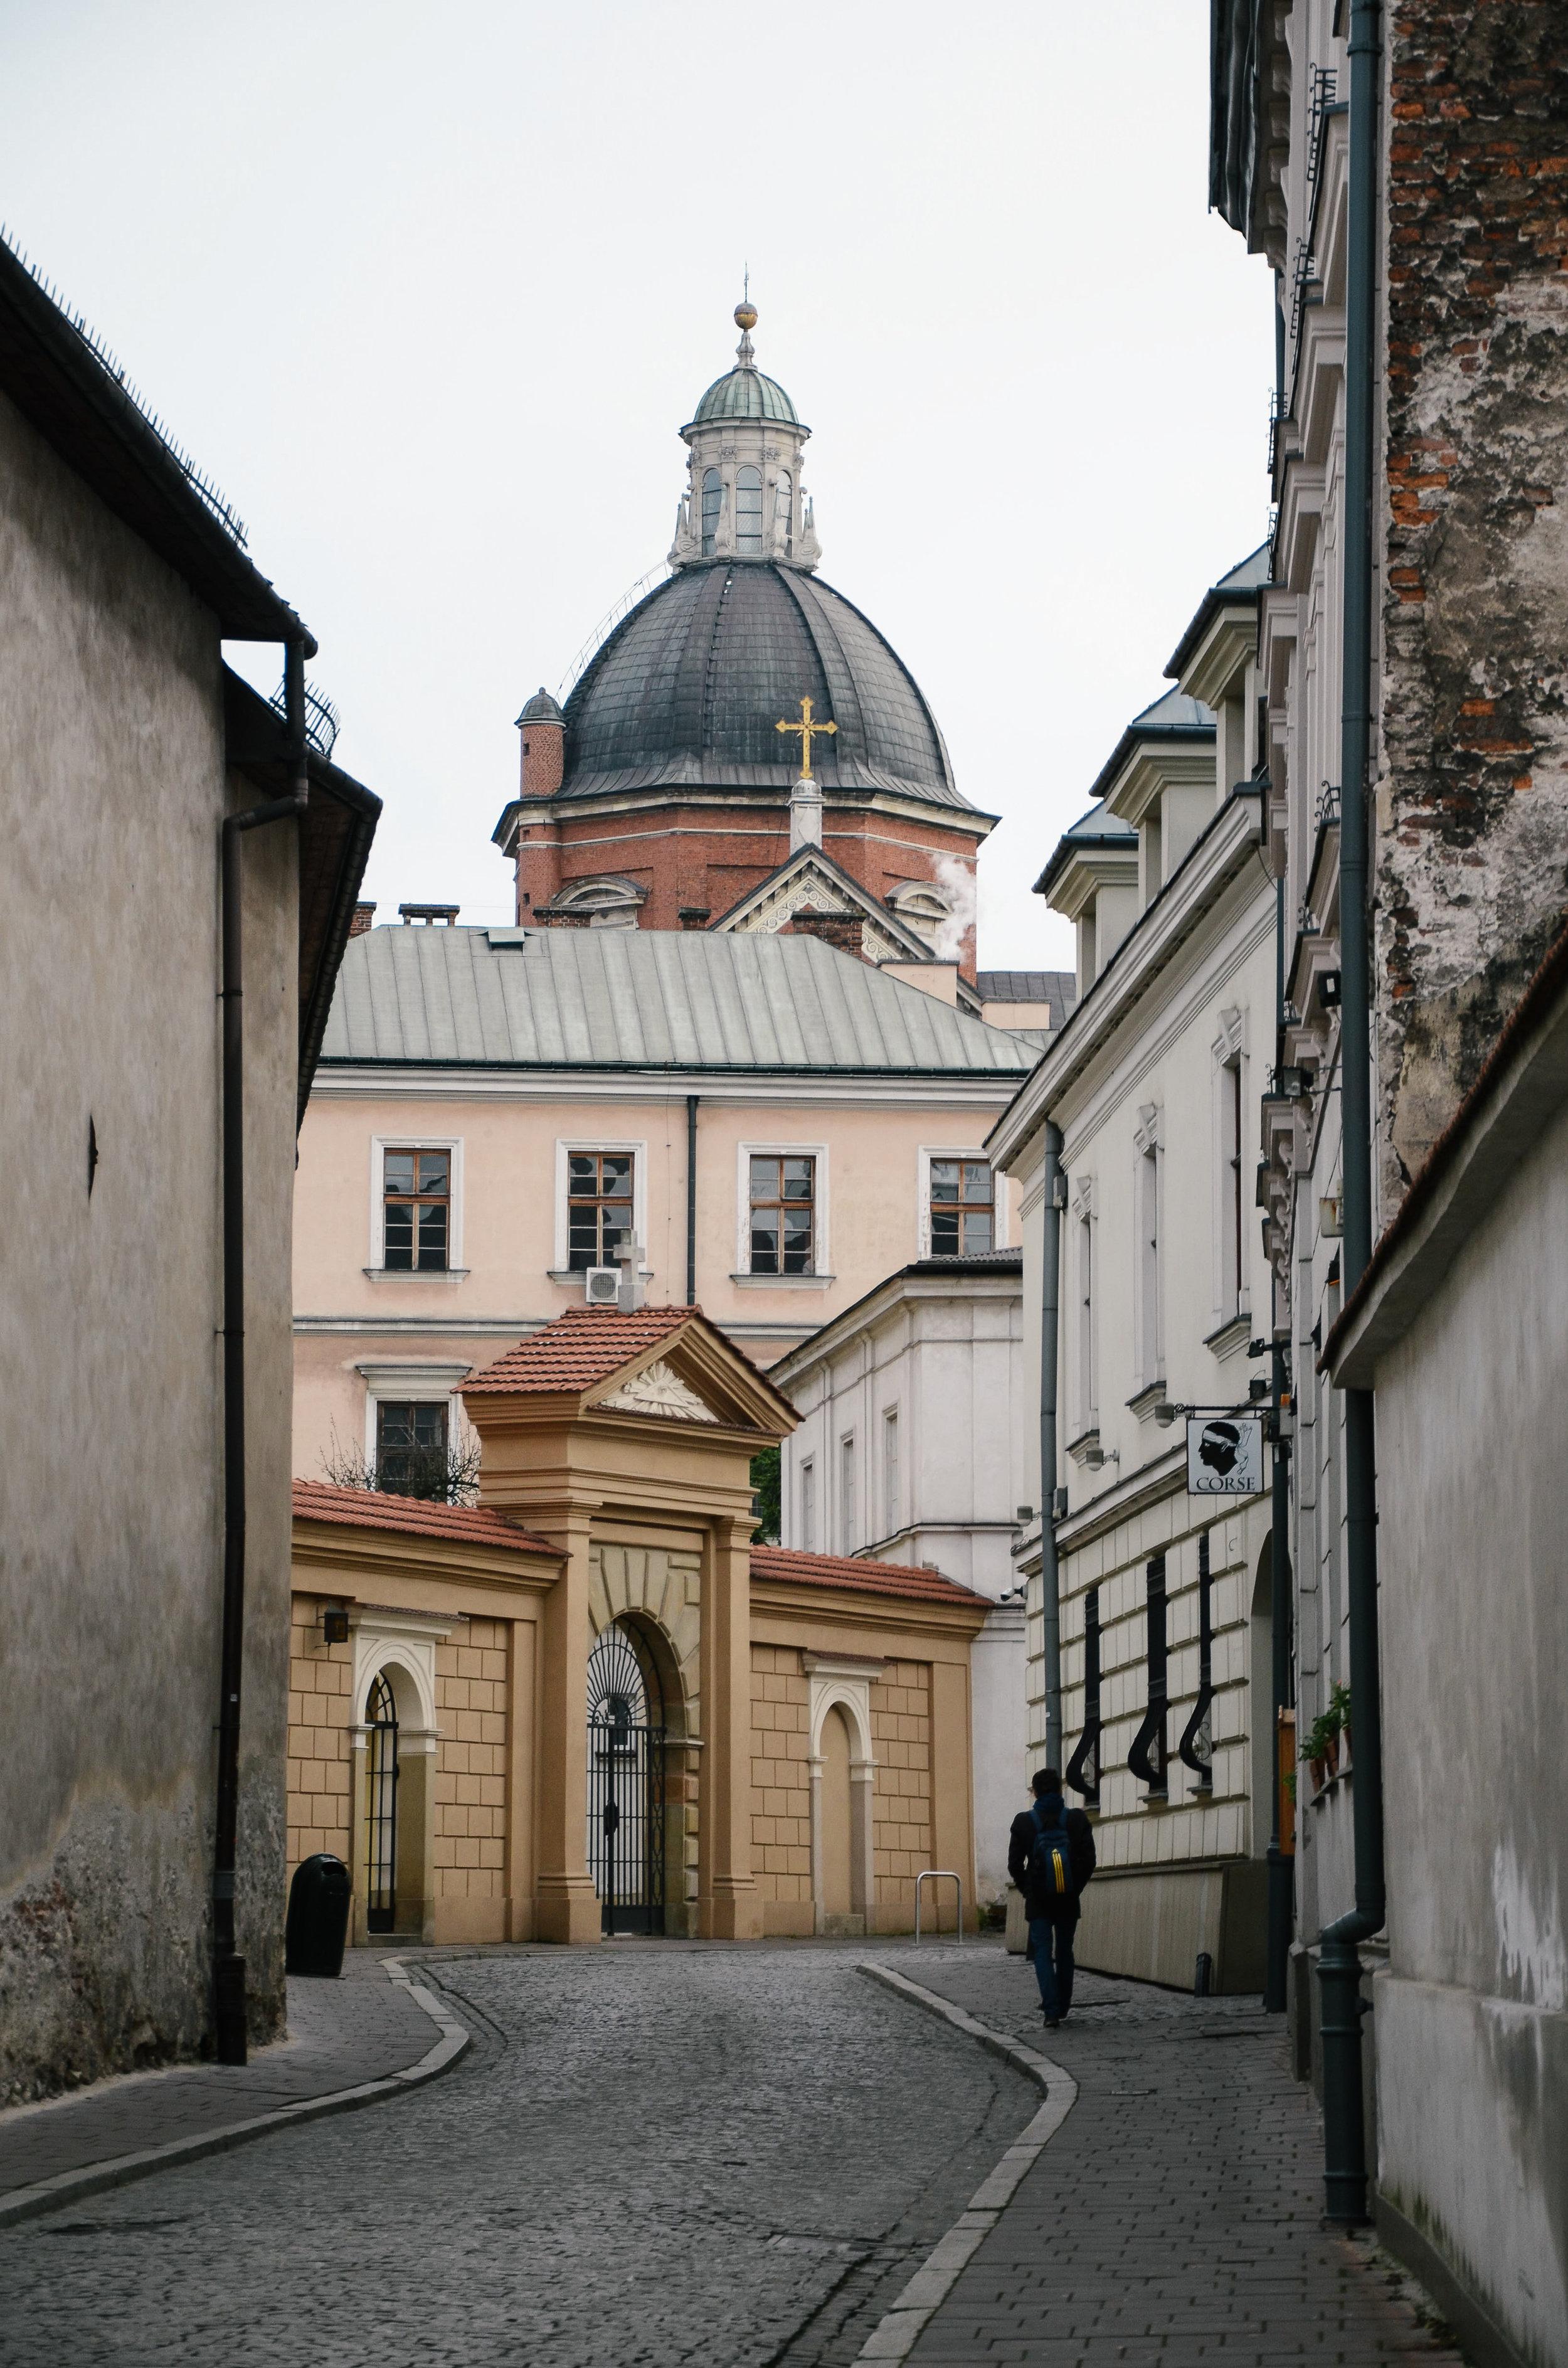 krakow-poland-travel-guide-lifeonpin_DSC_0968.jpg